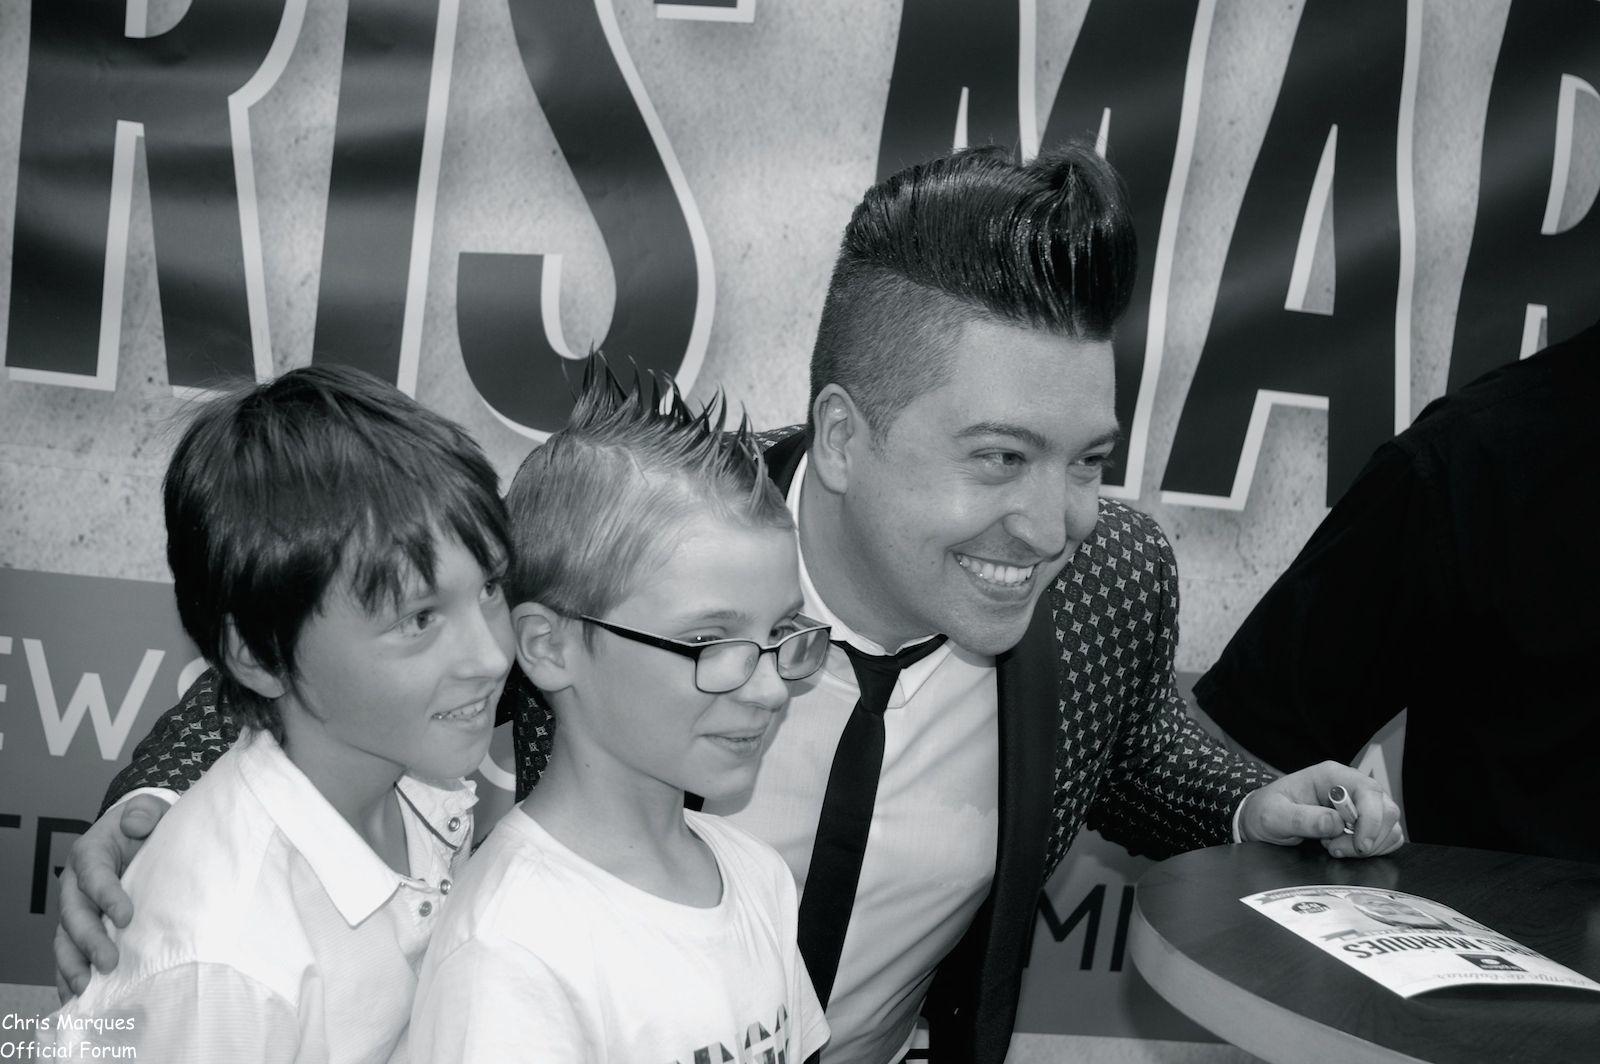 [14.06.2014] Evénement à #Colmar Chris Marques et Jaclyn Spencer pour un Flashmob/Cours de Danse/Dédicaces exceptionnels le tout organisé par la MJC de Colmar 15611